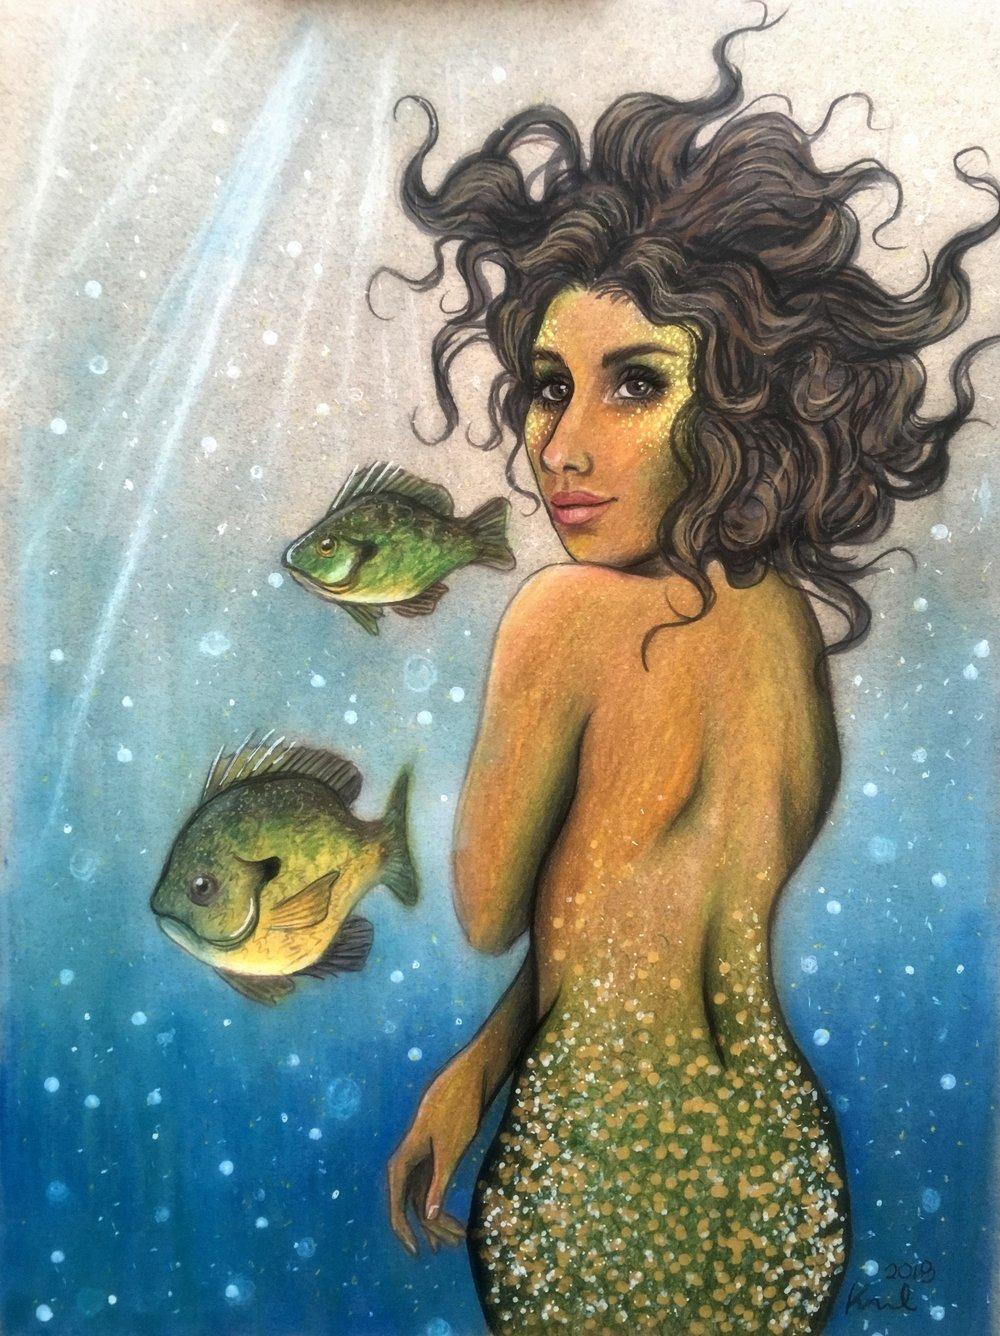 pumpkinseeds and mermaid